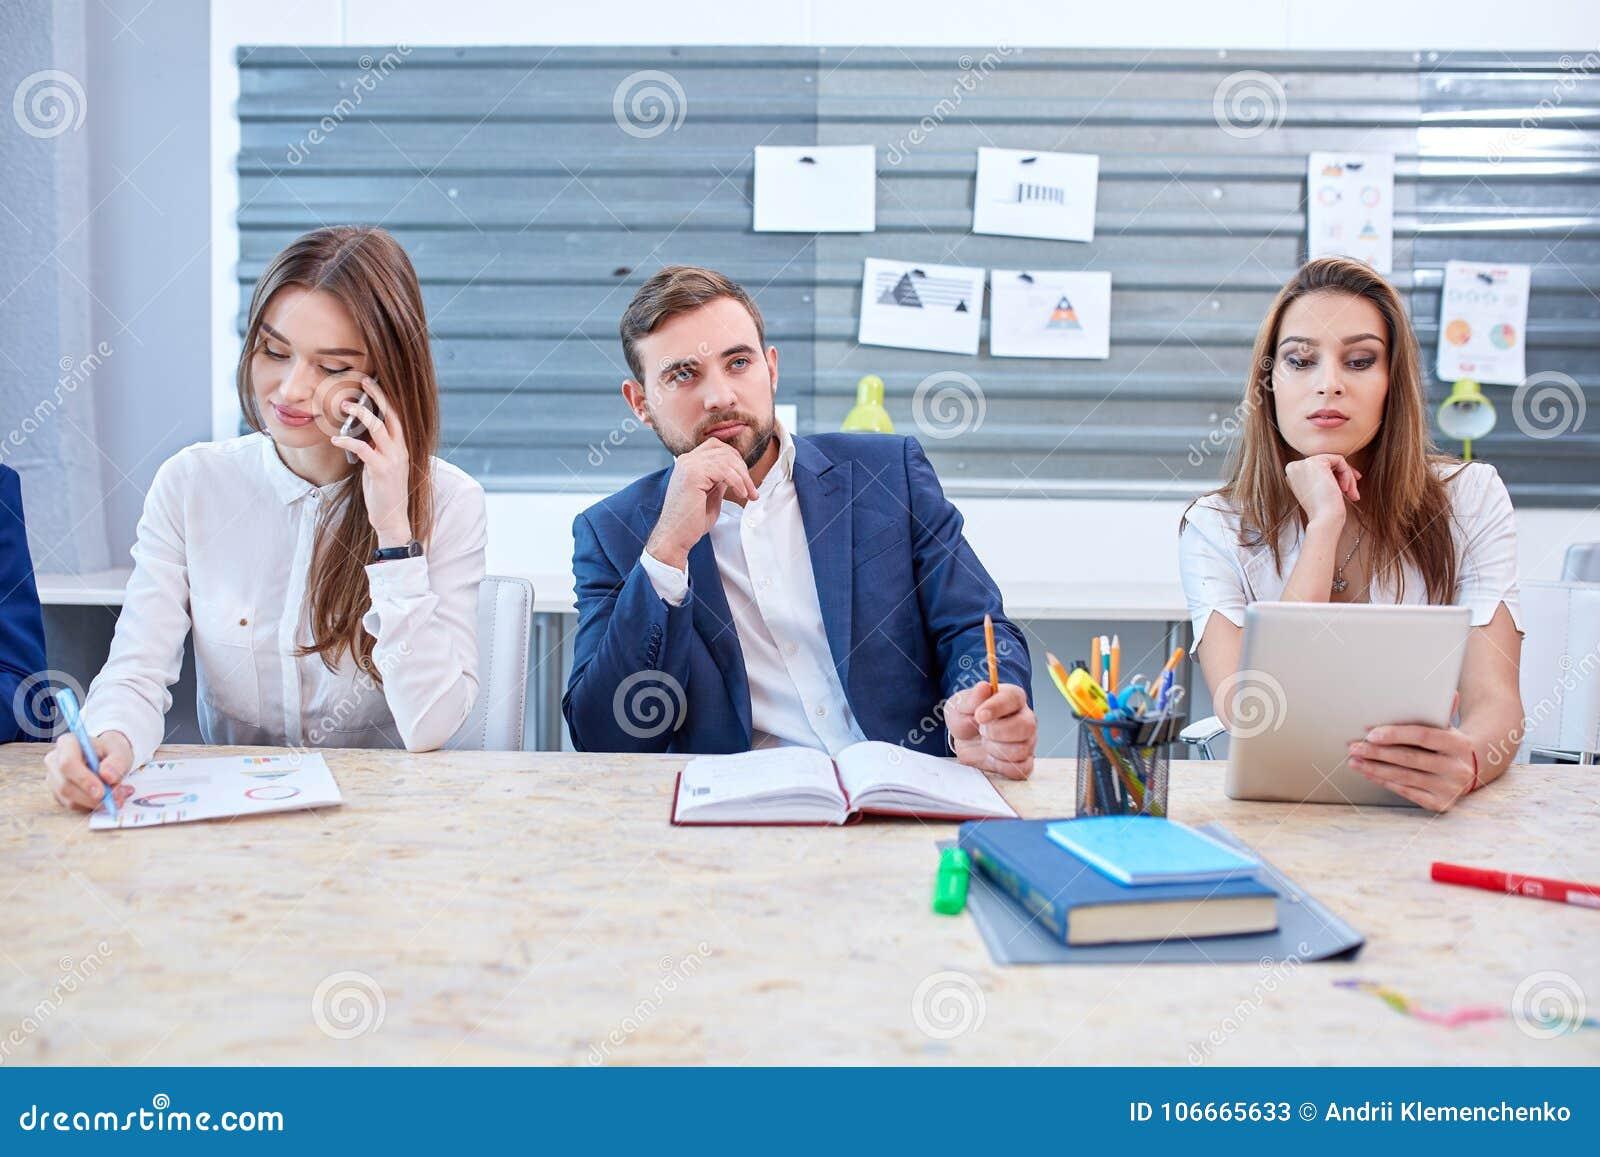 Две девушки на работу модели для работы в японии